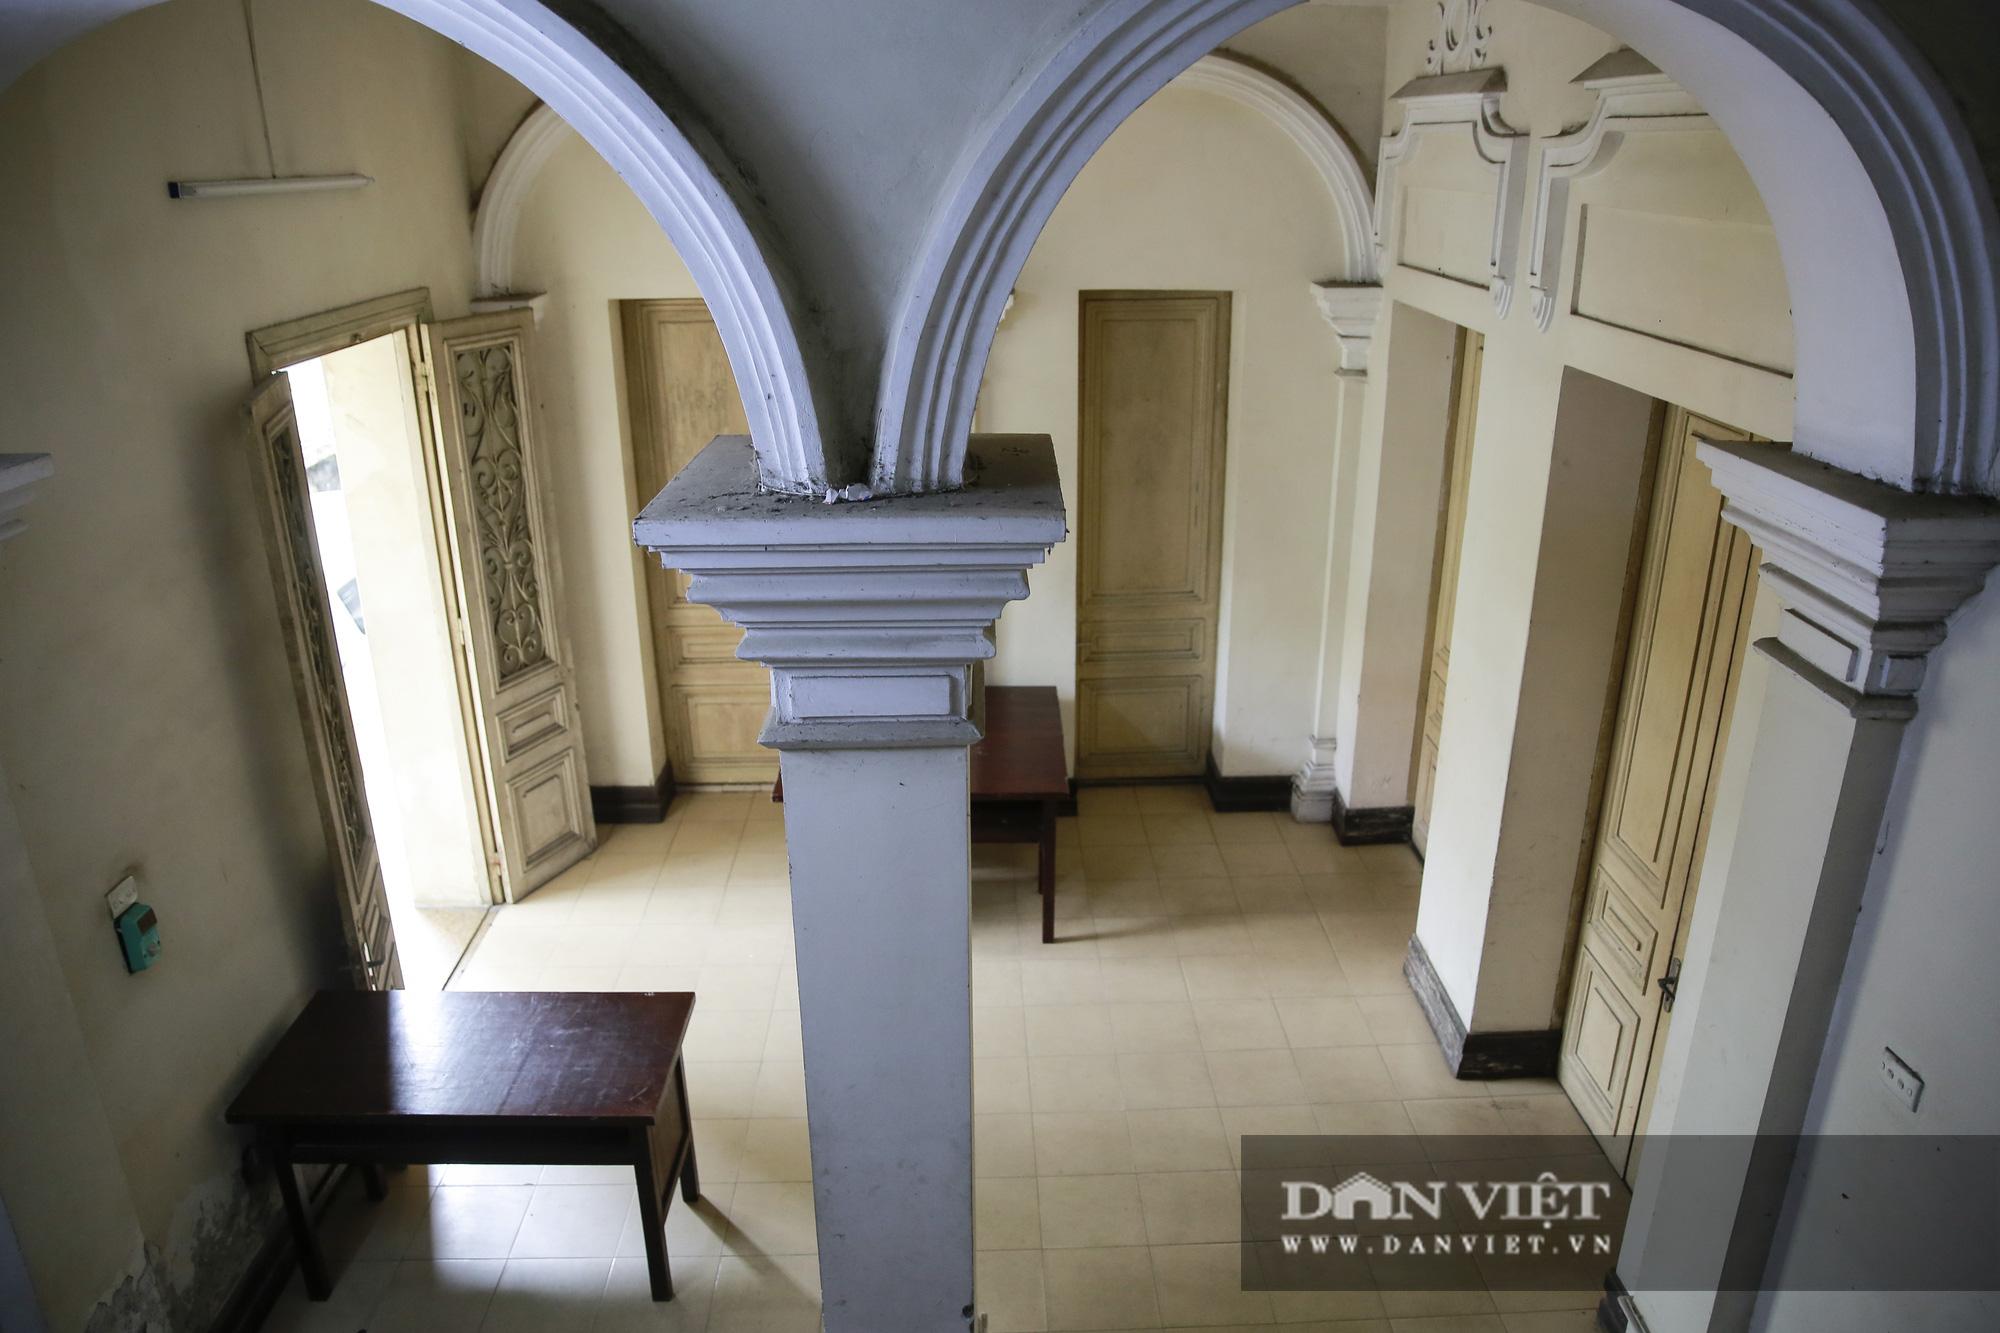 Khám phá dinh thự thứ 8 rộng 2000m2 của vua Bảo Đại tại Hà Nội - Ảnh 10.